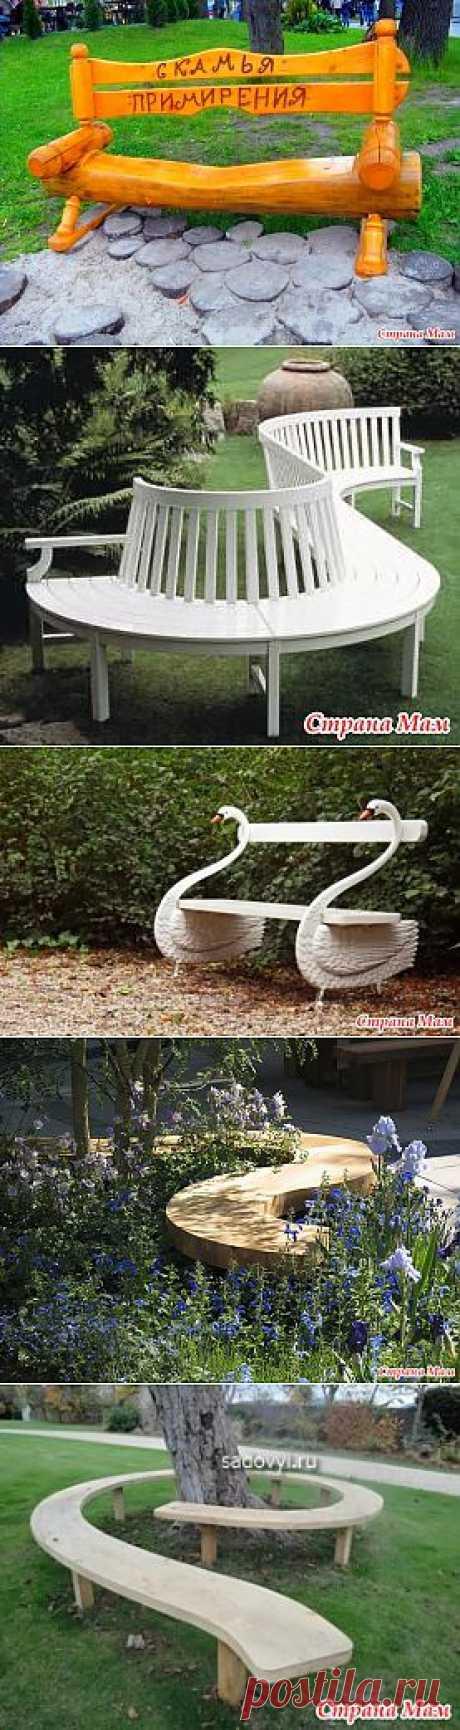 """Скамейки всякие нужны, скамейки всякие важны, да и красивых скамеек не может быть много.: Дневник группы """"Сад, огород"""" - Страна Мам"""